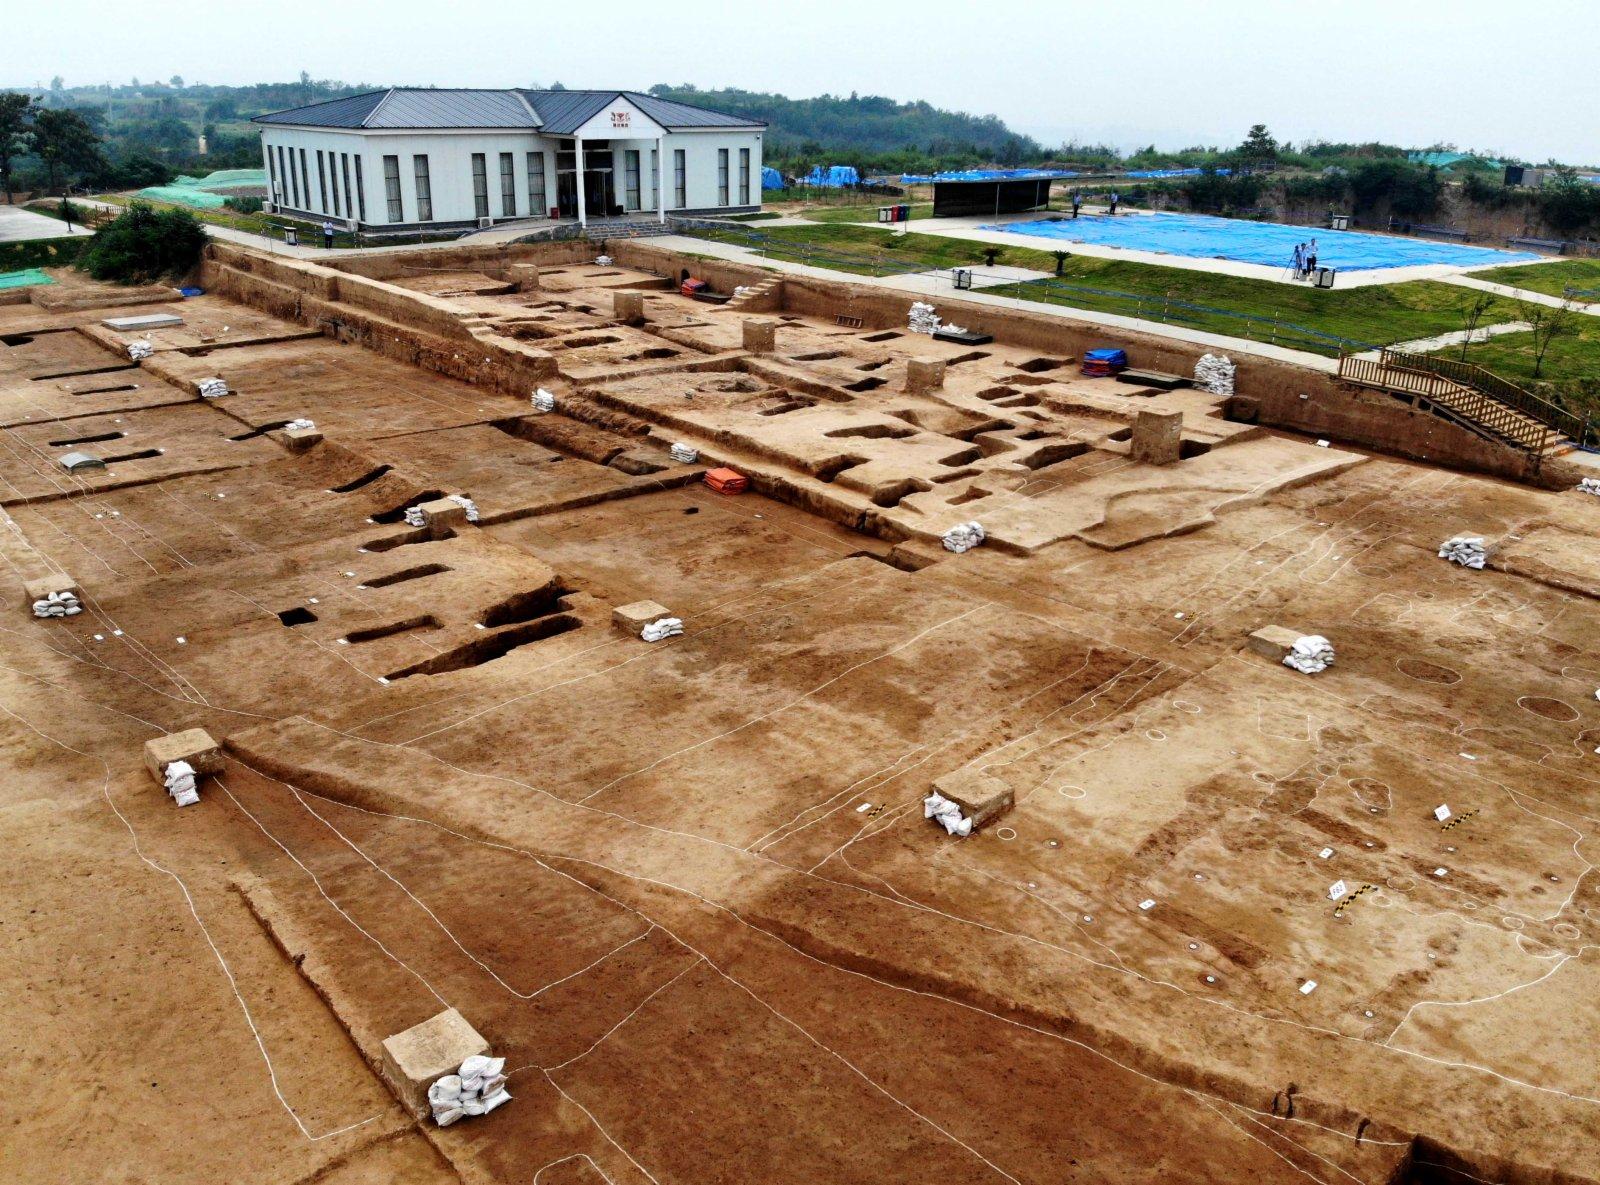 2019年8月27日在河南省鞏義市河洛鎮拍攝的雙槐樹遺址(無人機照片)。